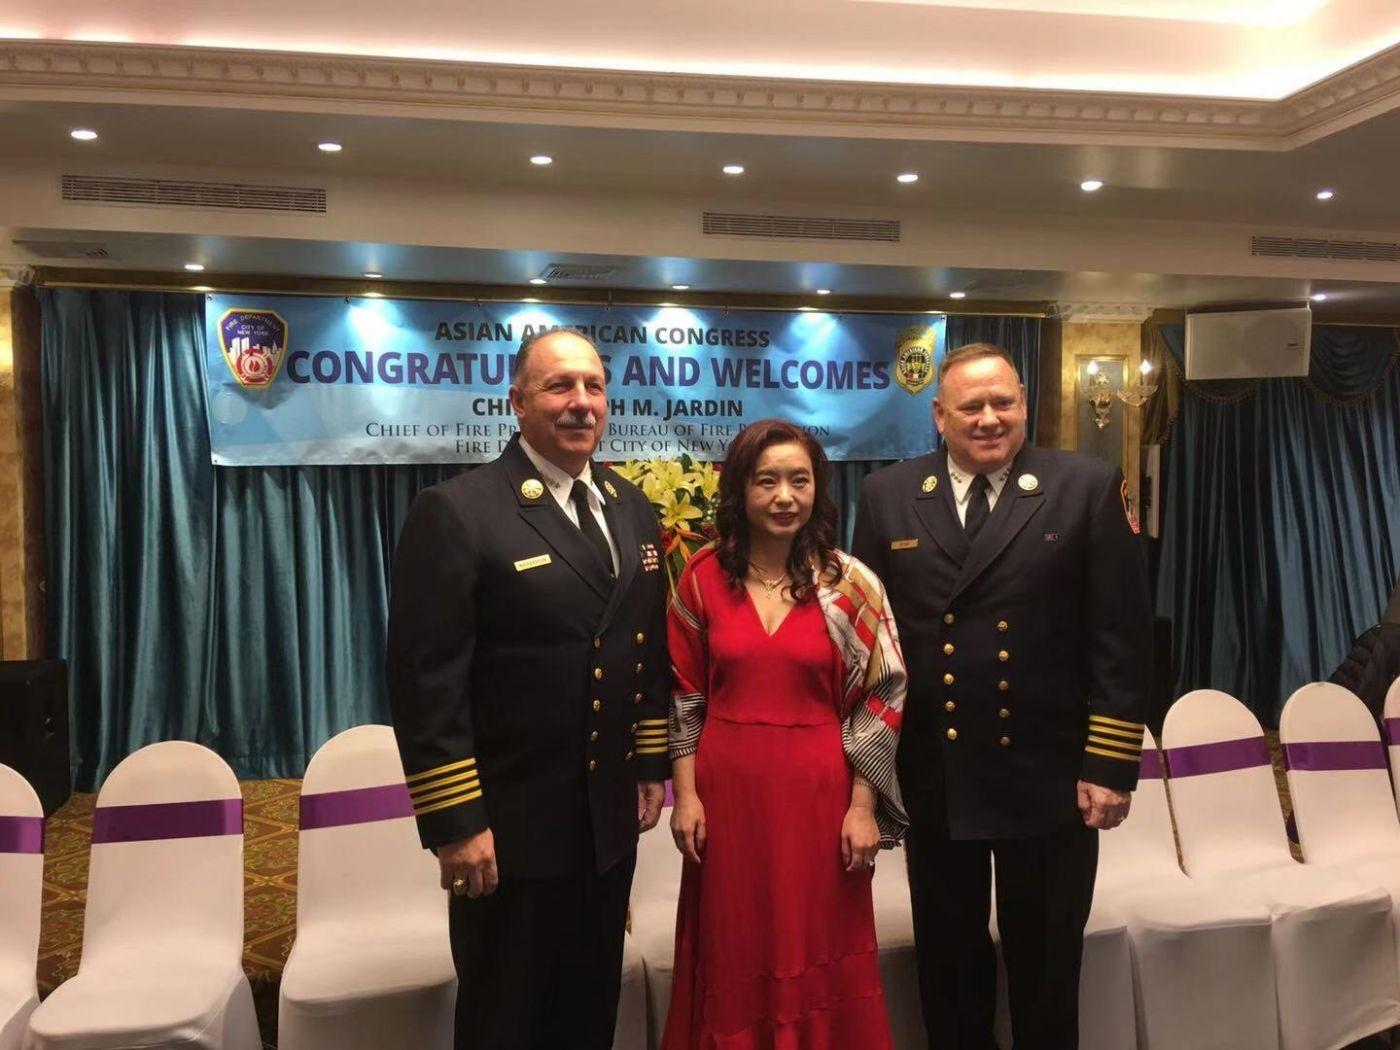 纽约亚美协会与纽约消防局共同主办庆功晚会_图1-22